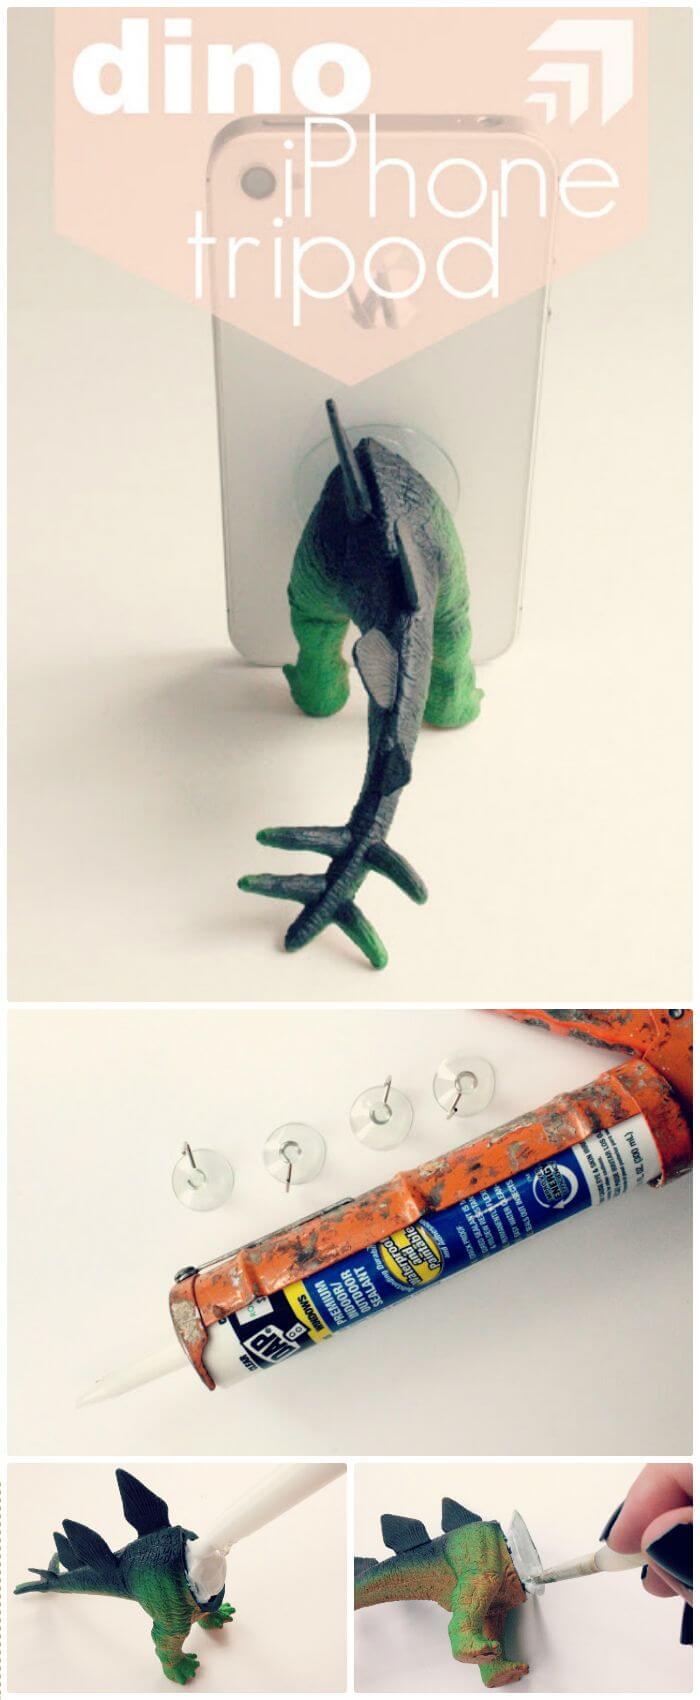 Trípode para iPhone DIY Dino - Idea de tienda de dólar